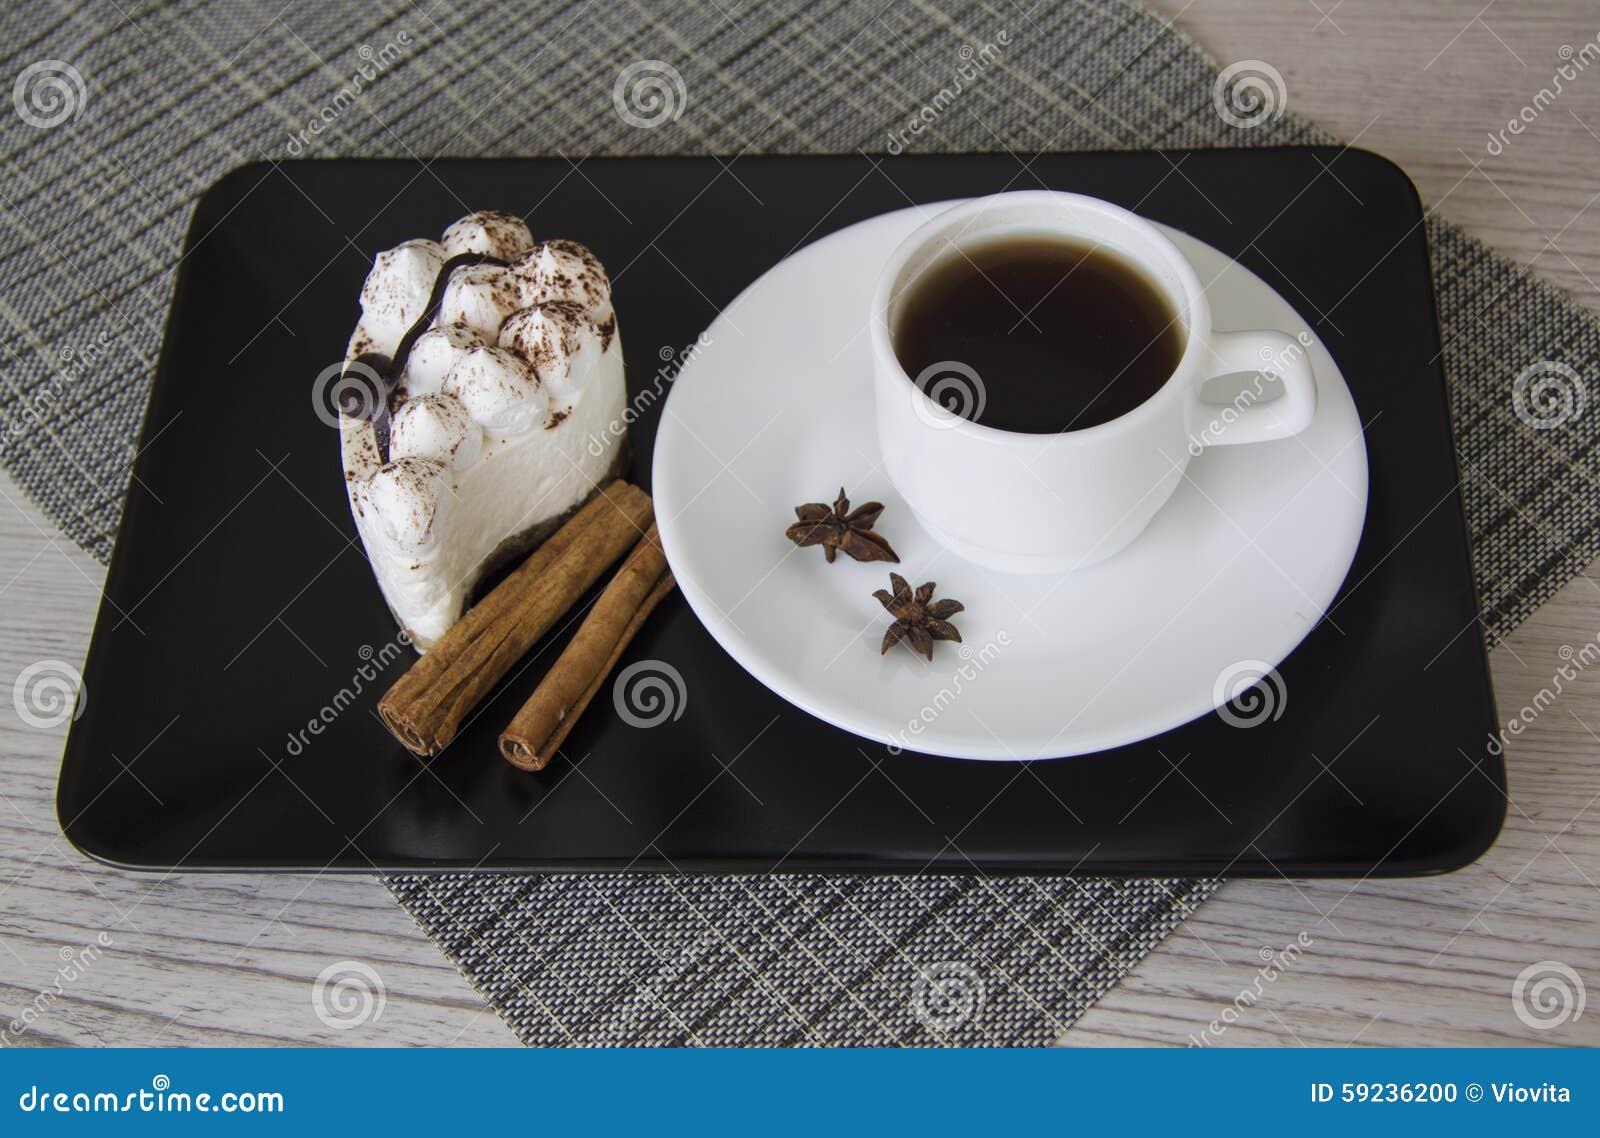 Download Café y tiramisu calientes foto de archivo. Imagen de dieta - 59236200